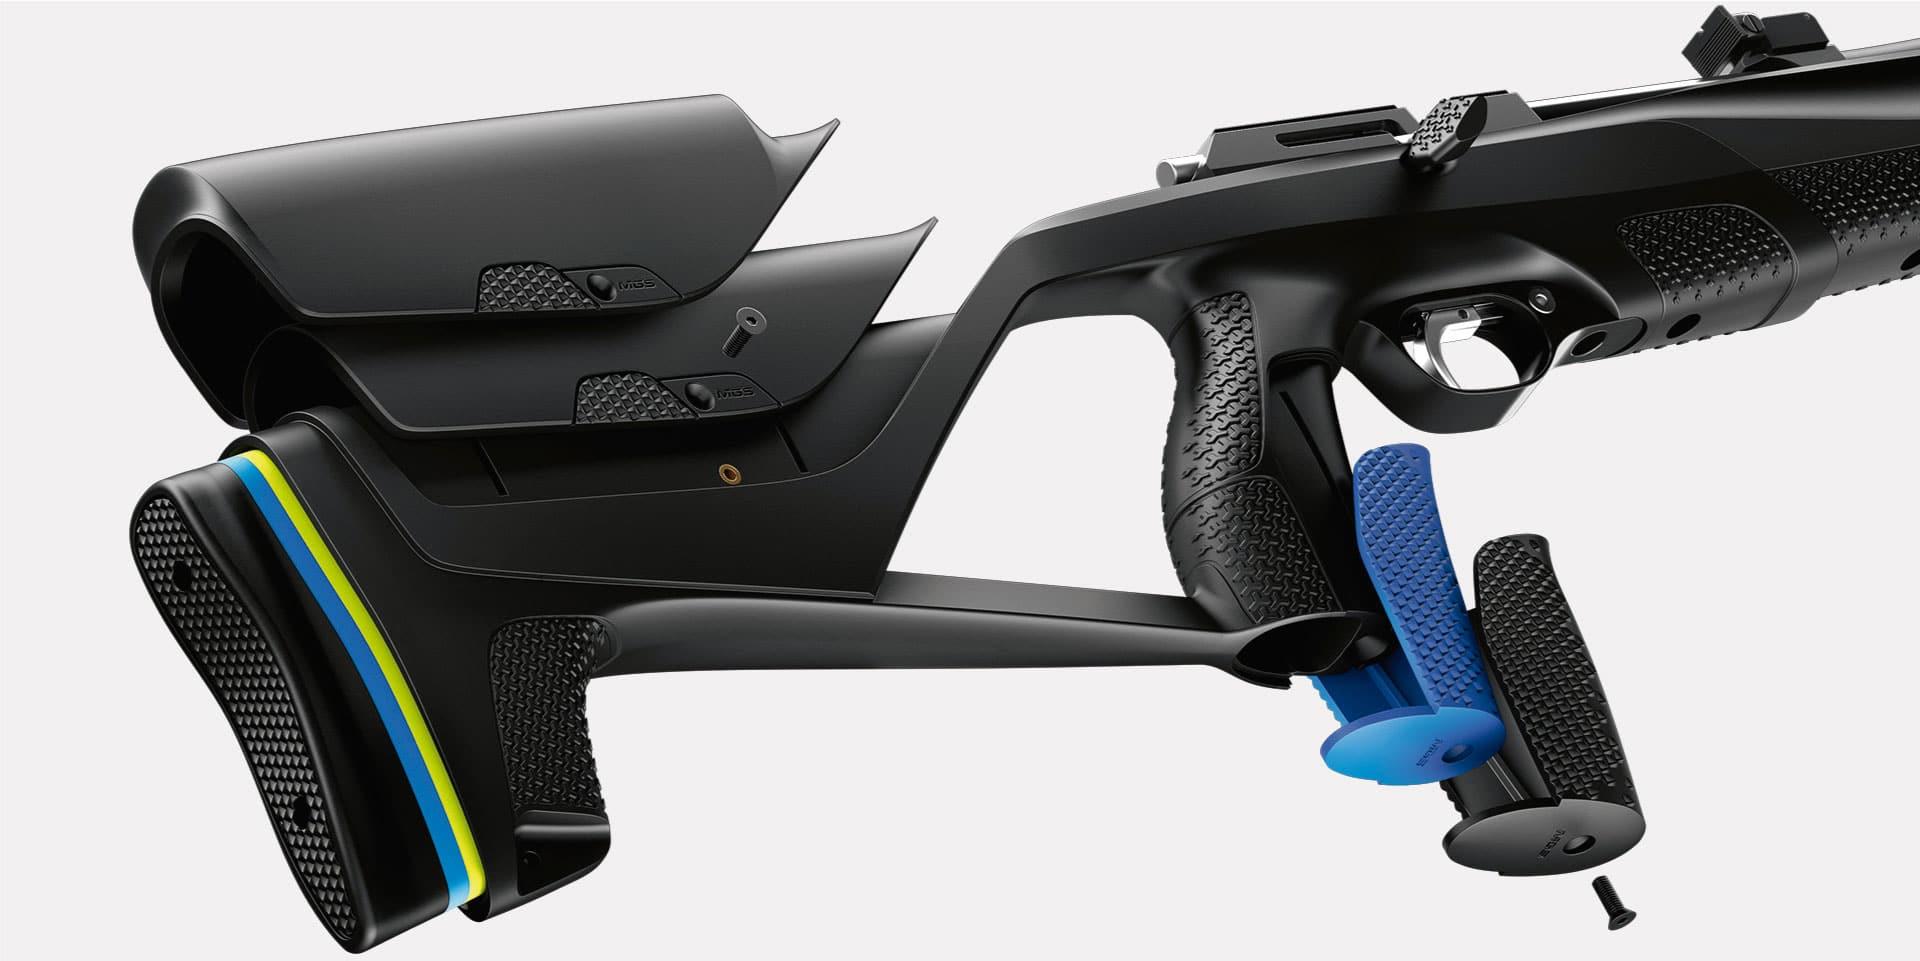 customizacao-grip-carabina-pcp-stoeger-xm1